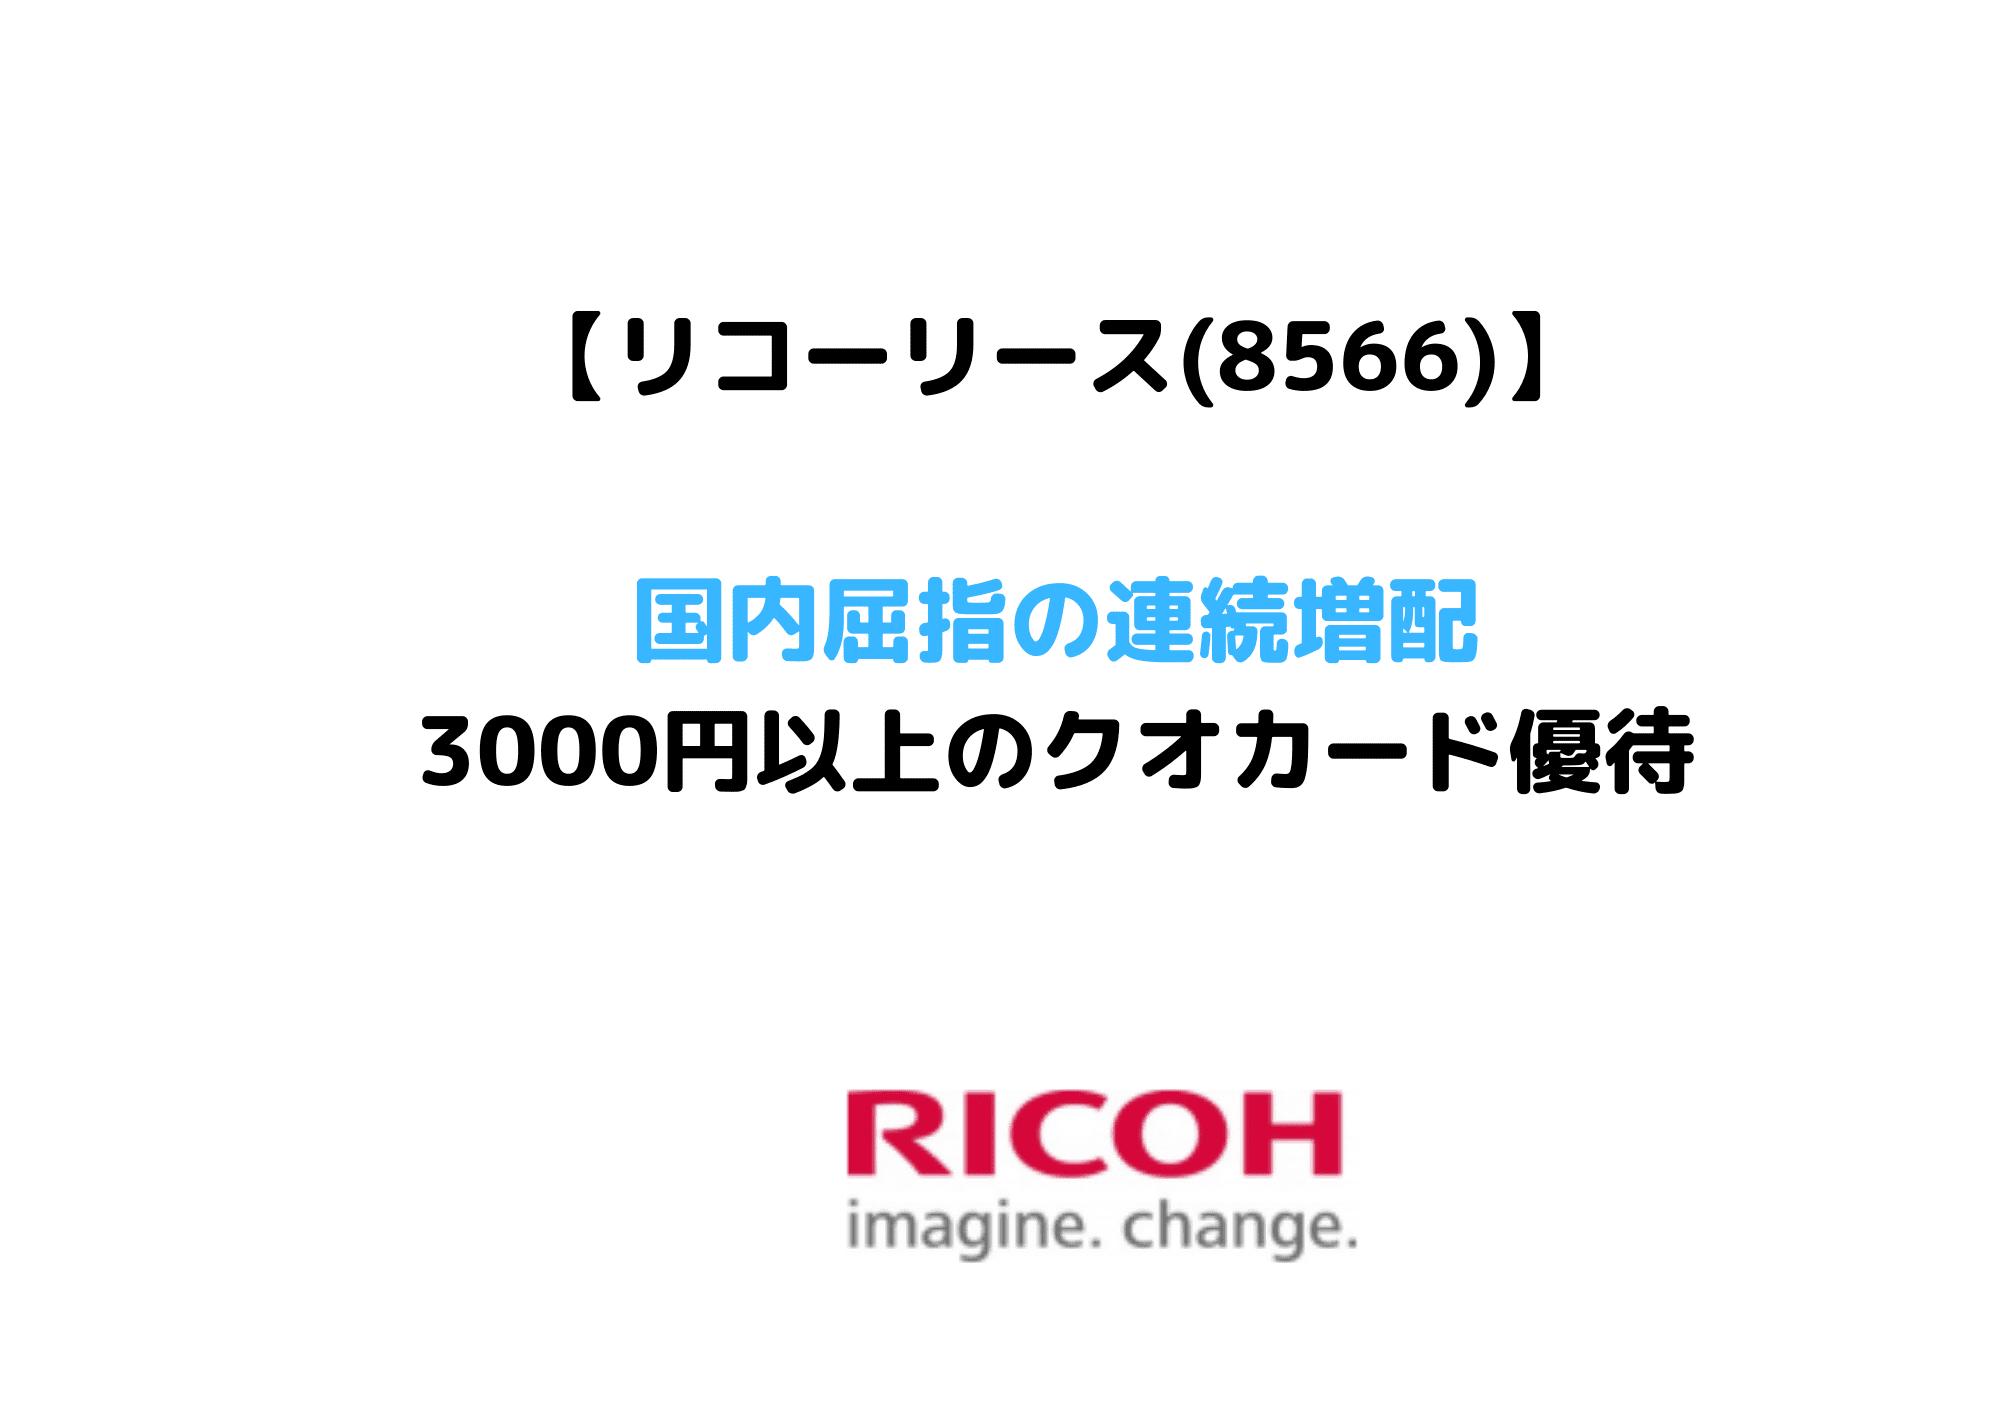 8566 リコーリース